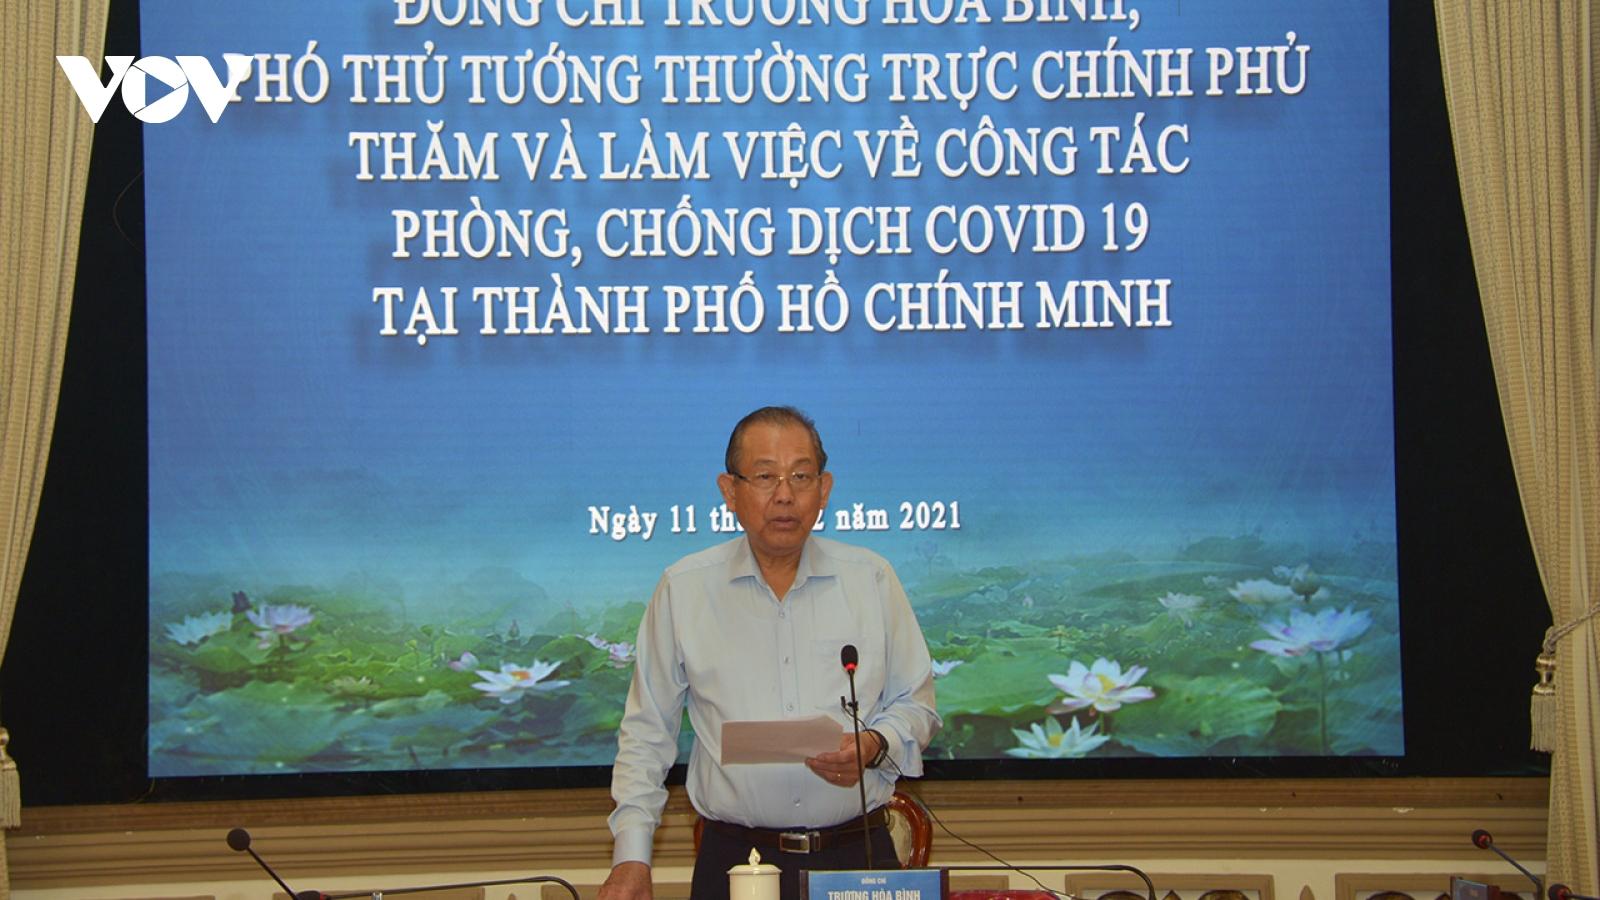 Phó Thủ tướng Trương Hoà Bình yêu cầu TP HCM không được chủ quan với dịch Covid-19